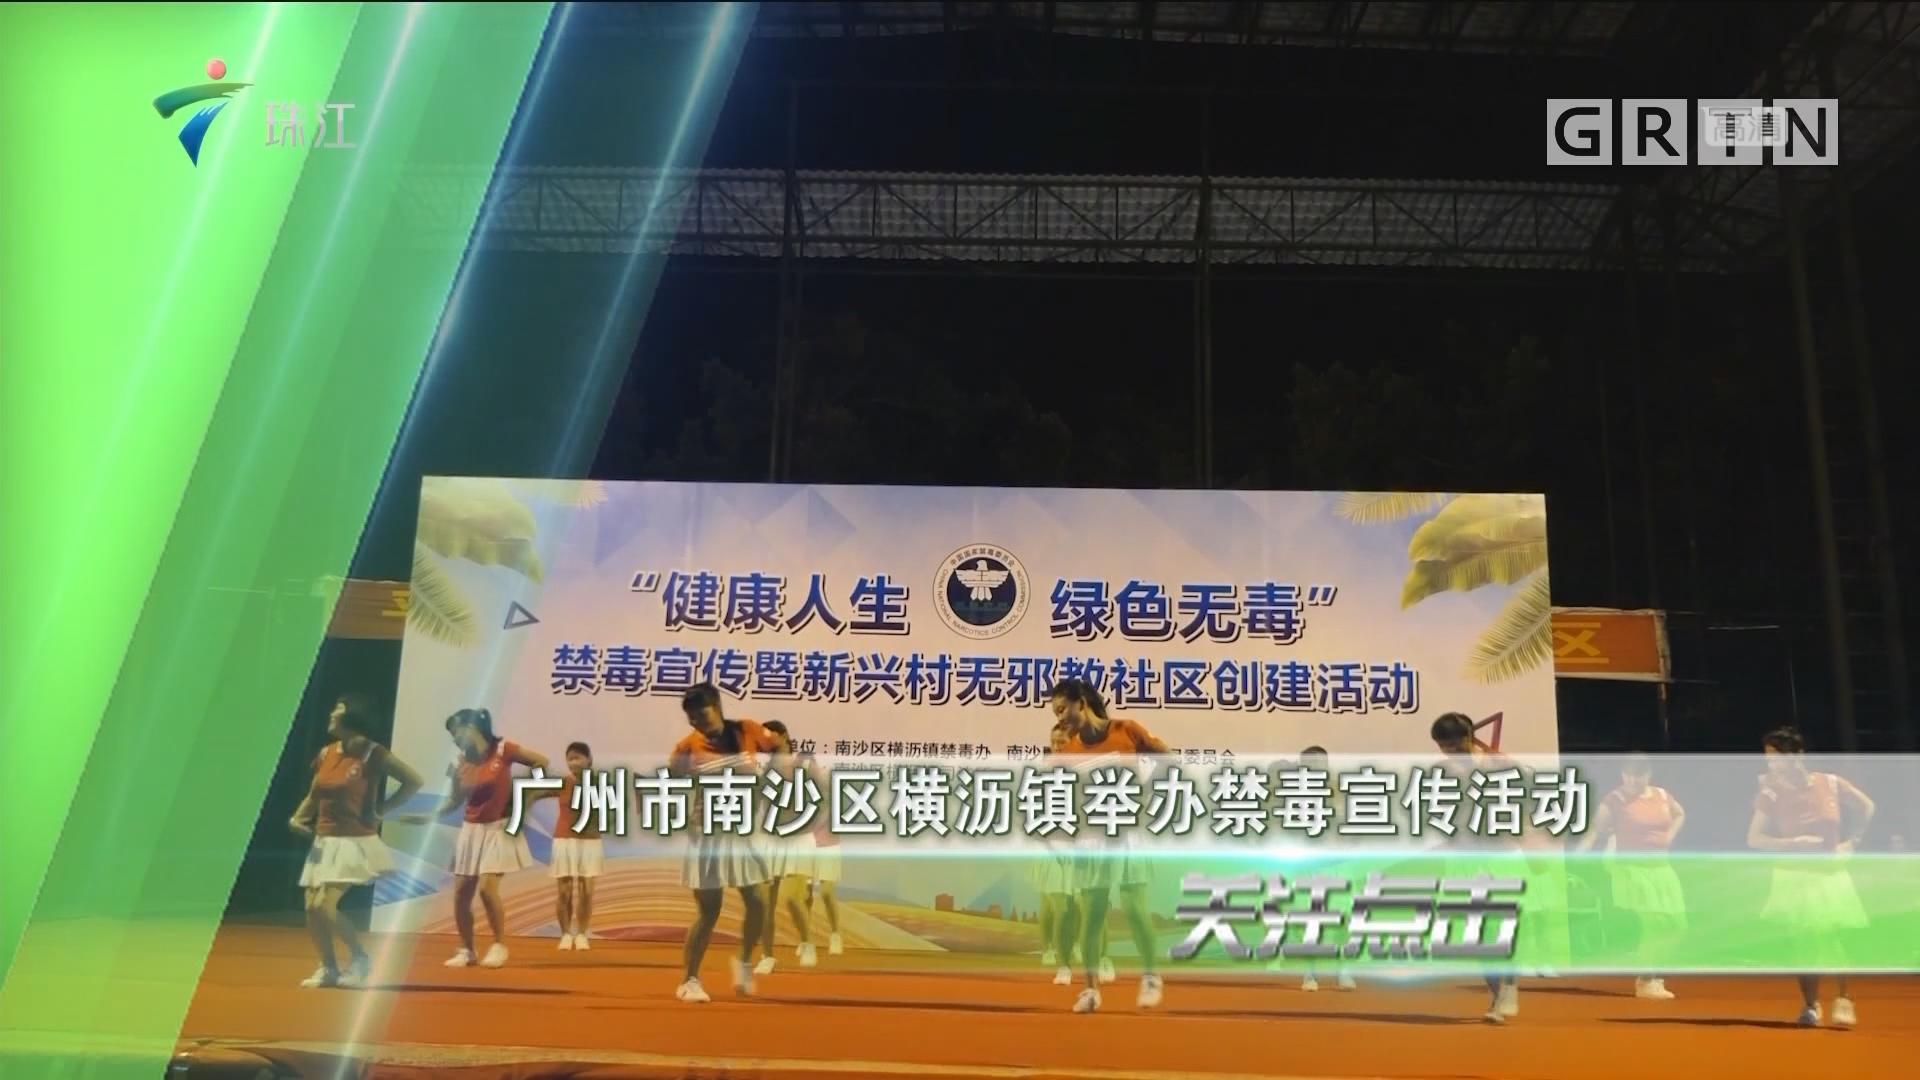 广州市南沙区横沥镇举办禁毒宣传活动